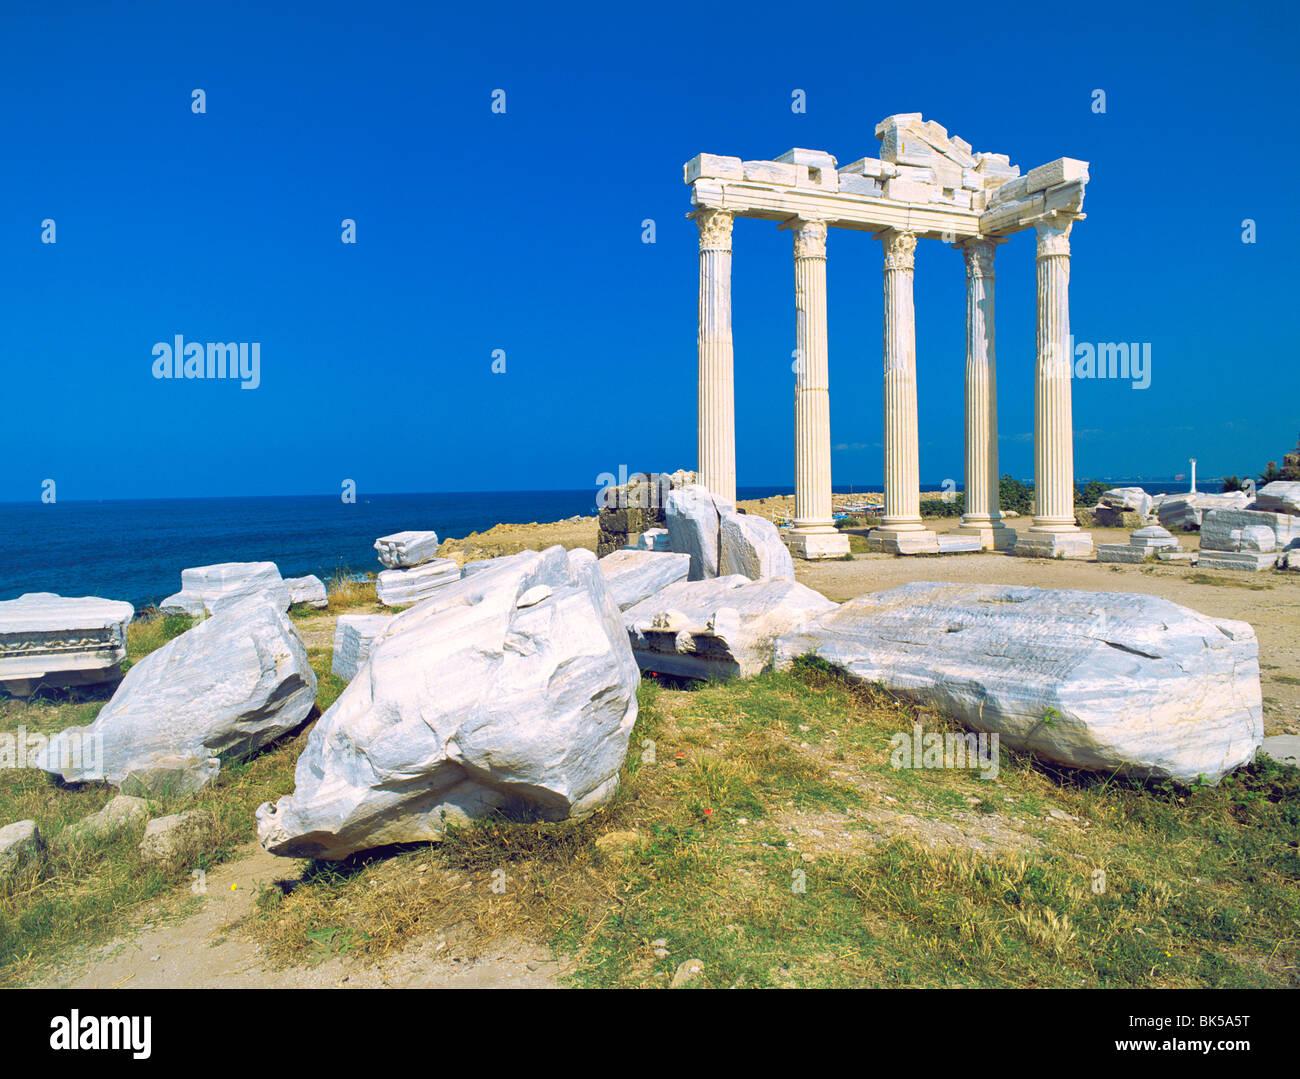 Römische Ruinen der Tempel des Apollo, Side, Antalya Provinz, Anatolien, Türkei, Kleinasien, Eurasien Stockbild